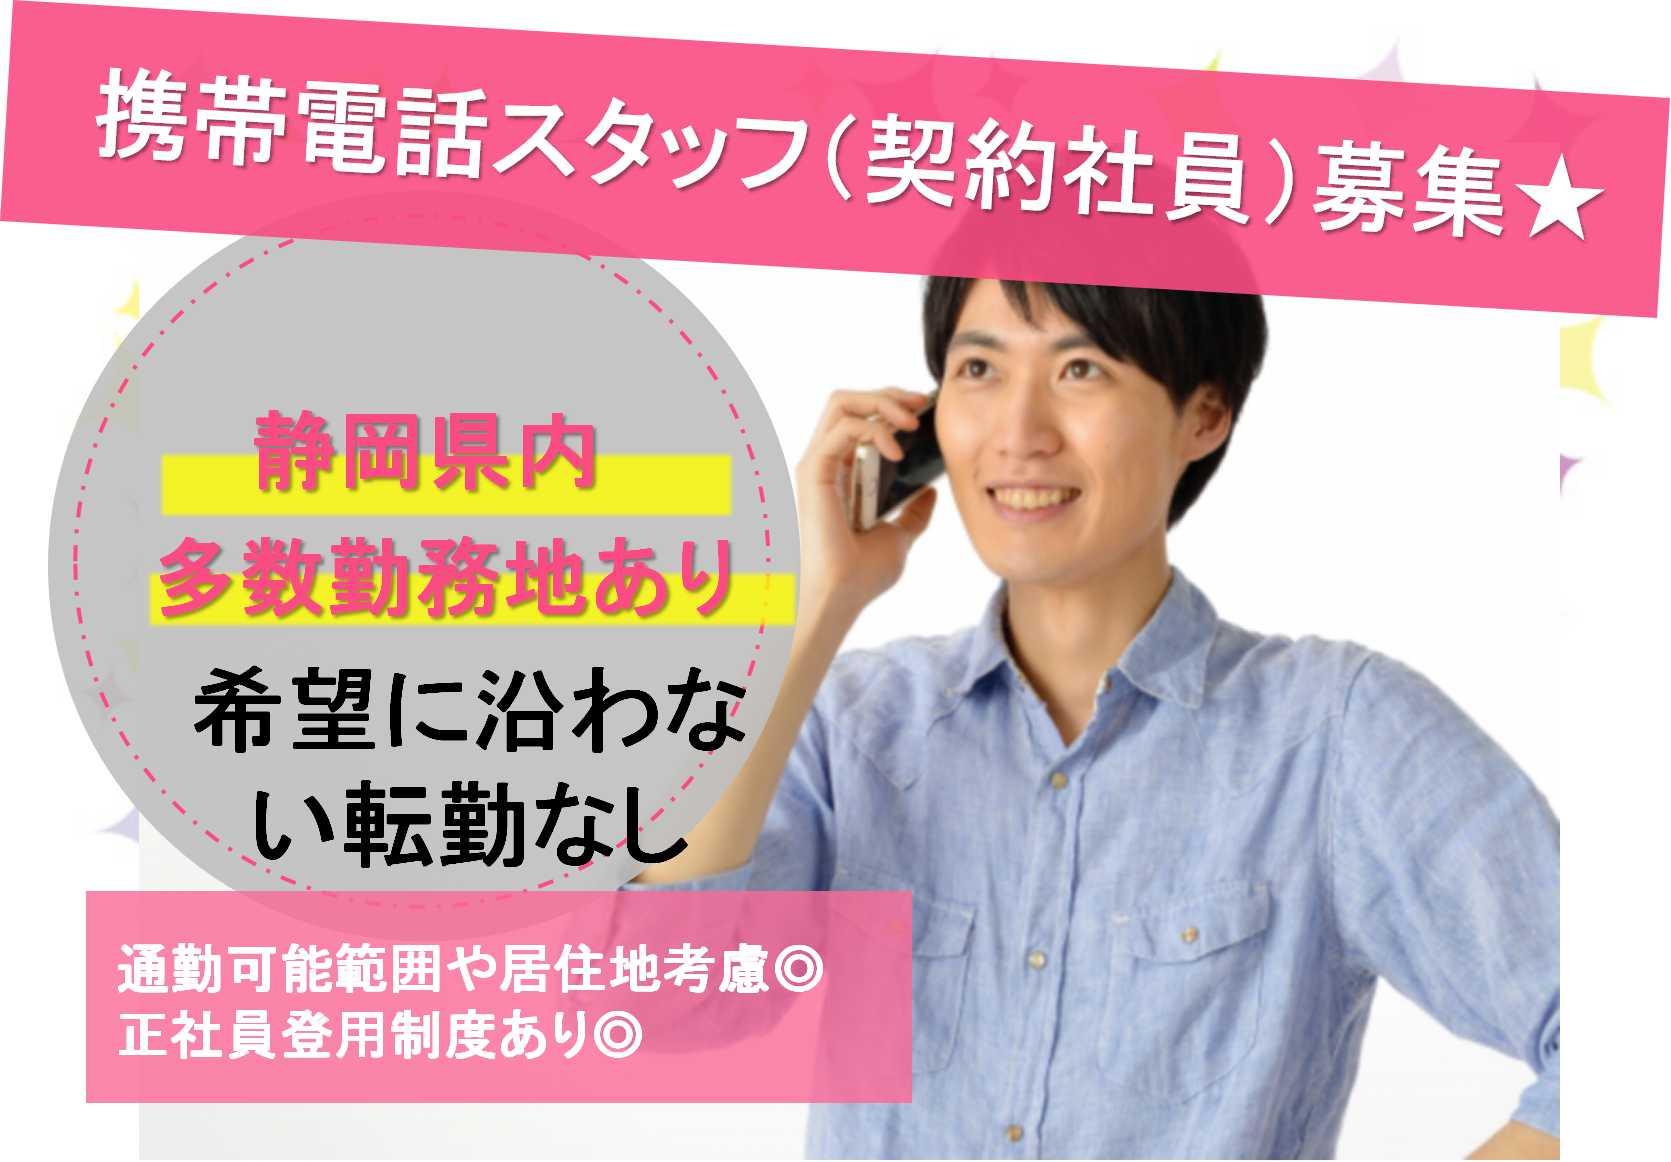 【静岡県】勤務地多数あり♪研修制度充実!携帯電話スタッフ【即面談可能】 イメージ